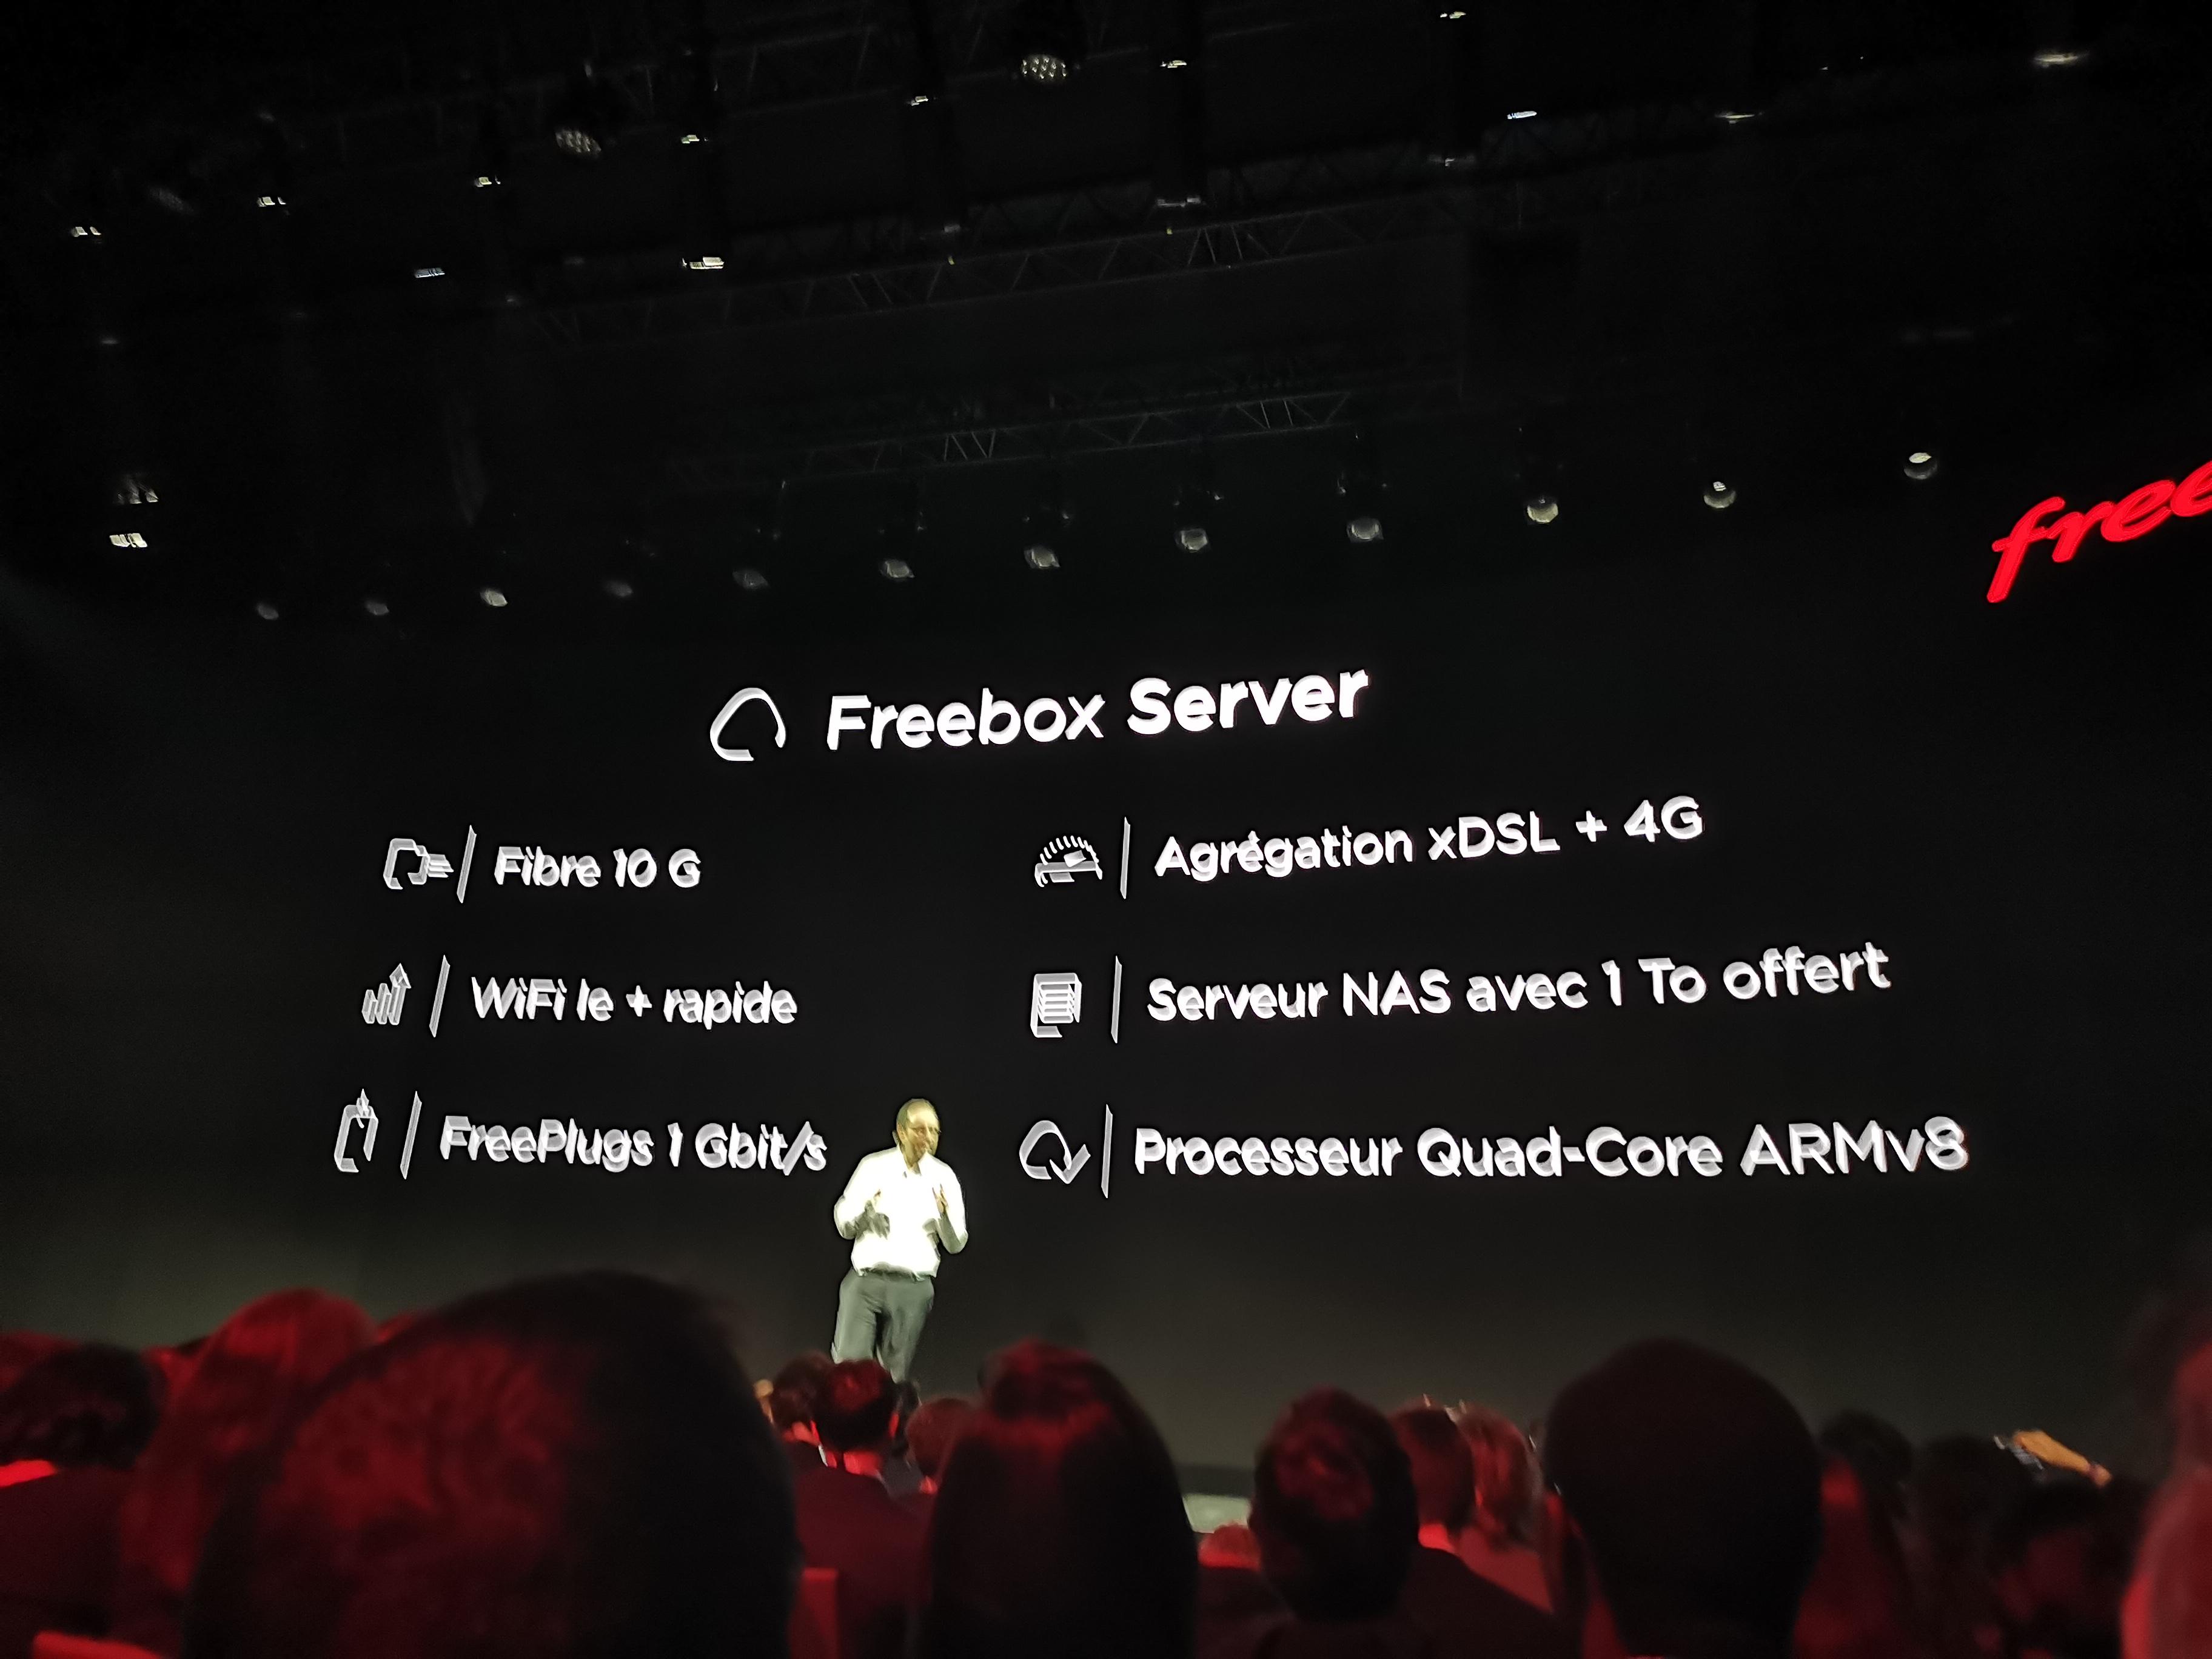 Les caractéristiques du Freebox Server